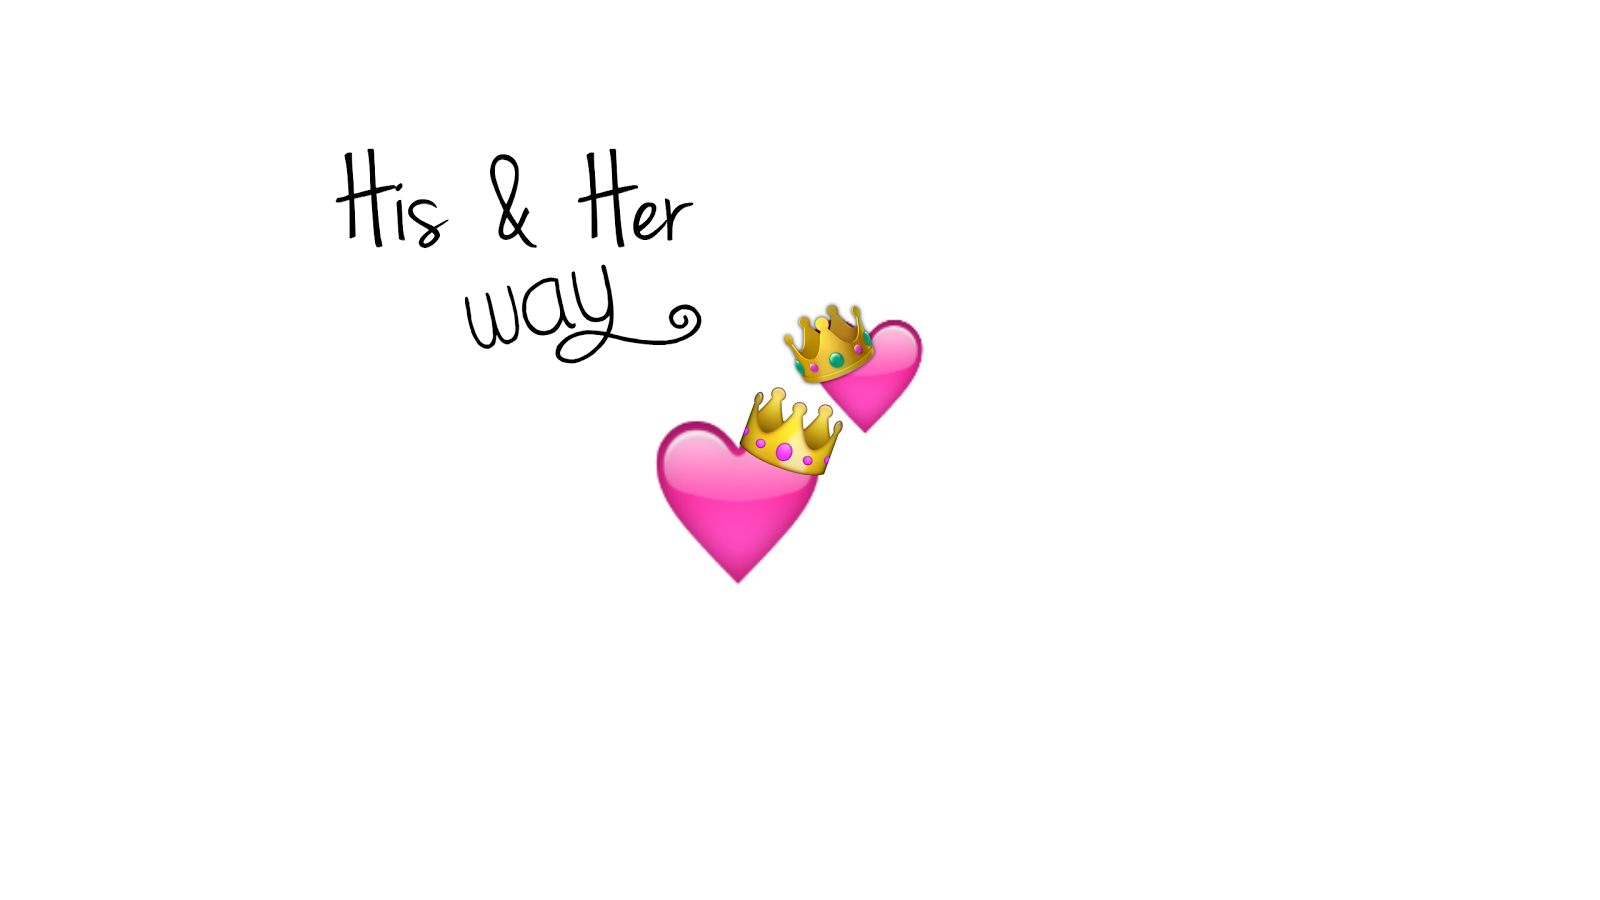 His & Her Way